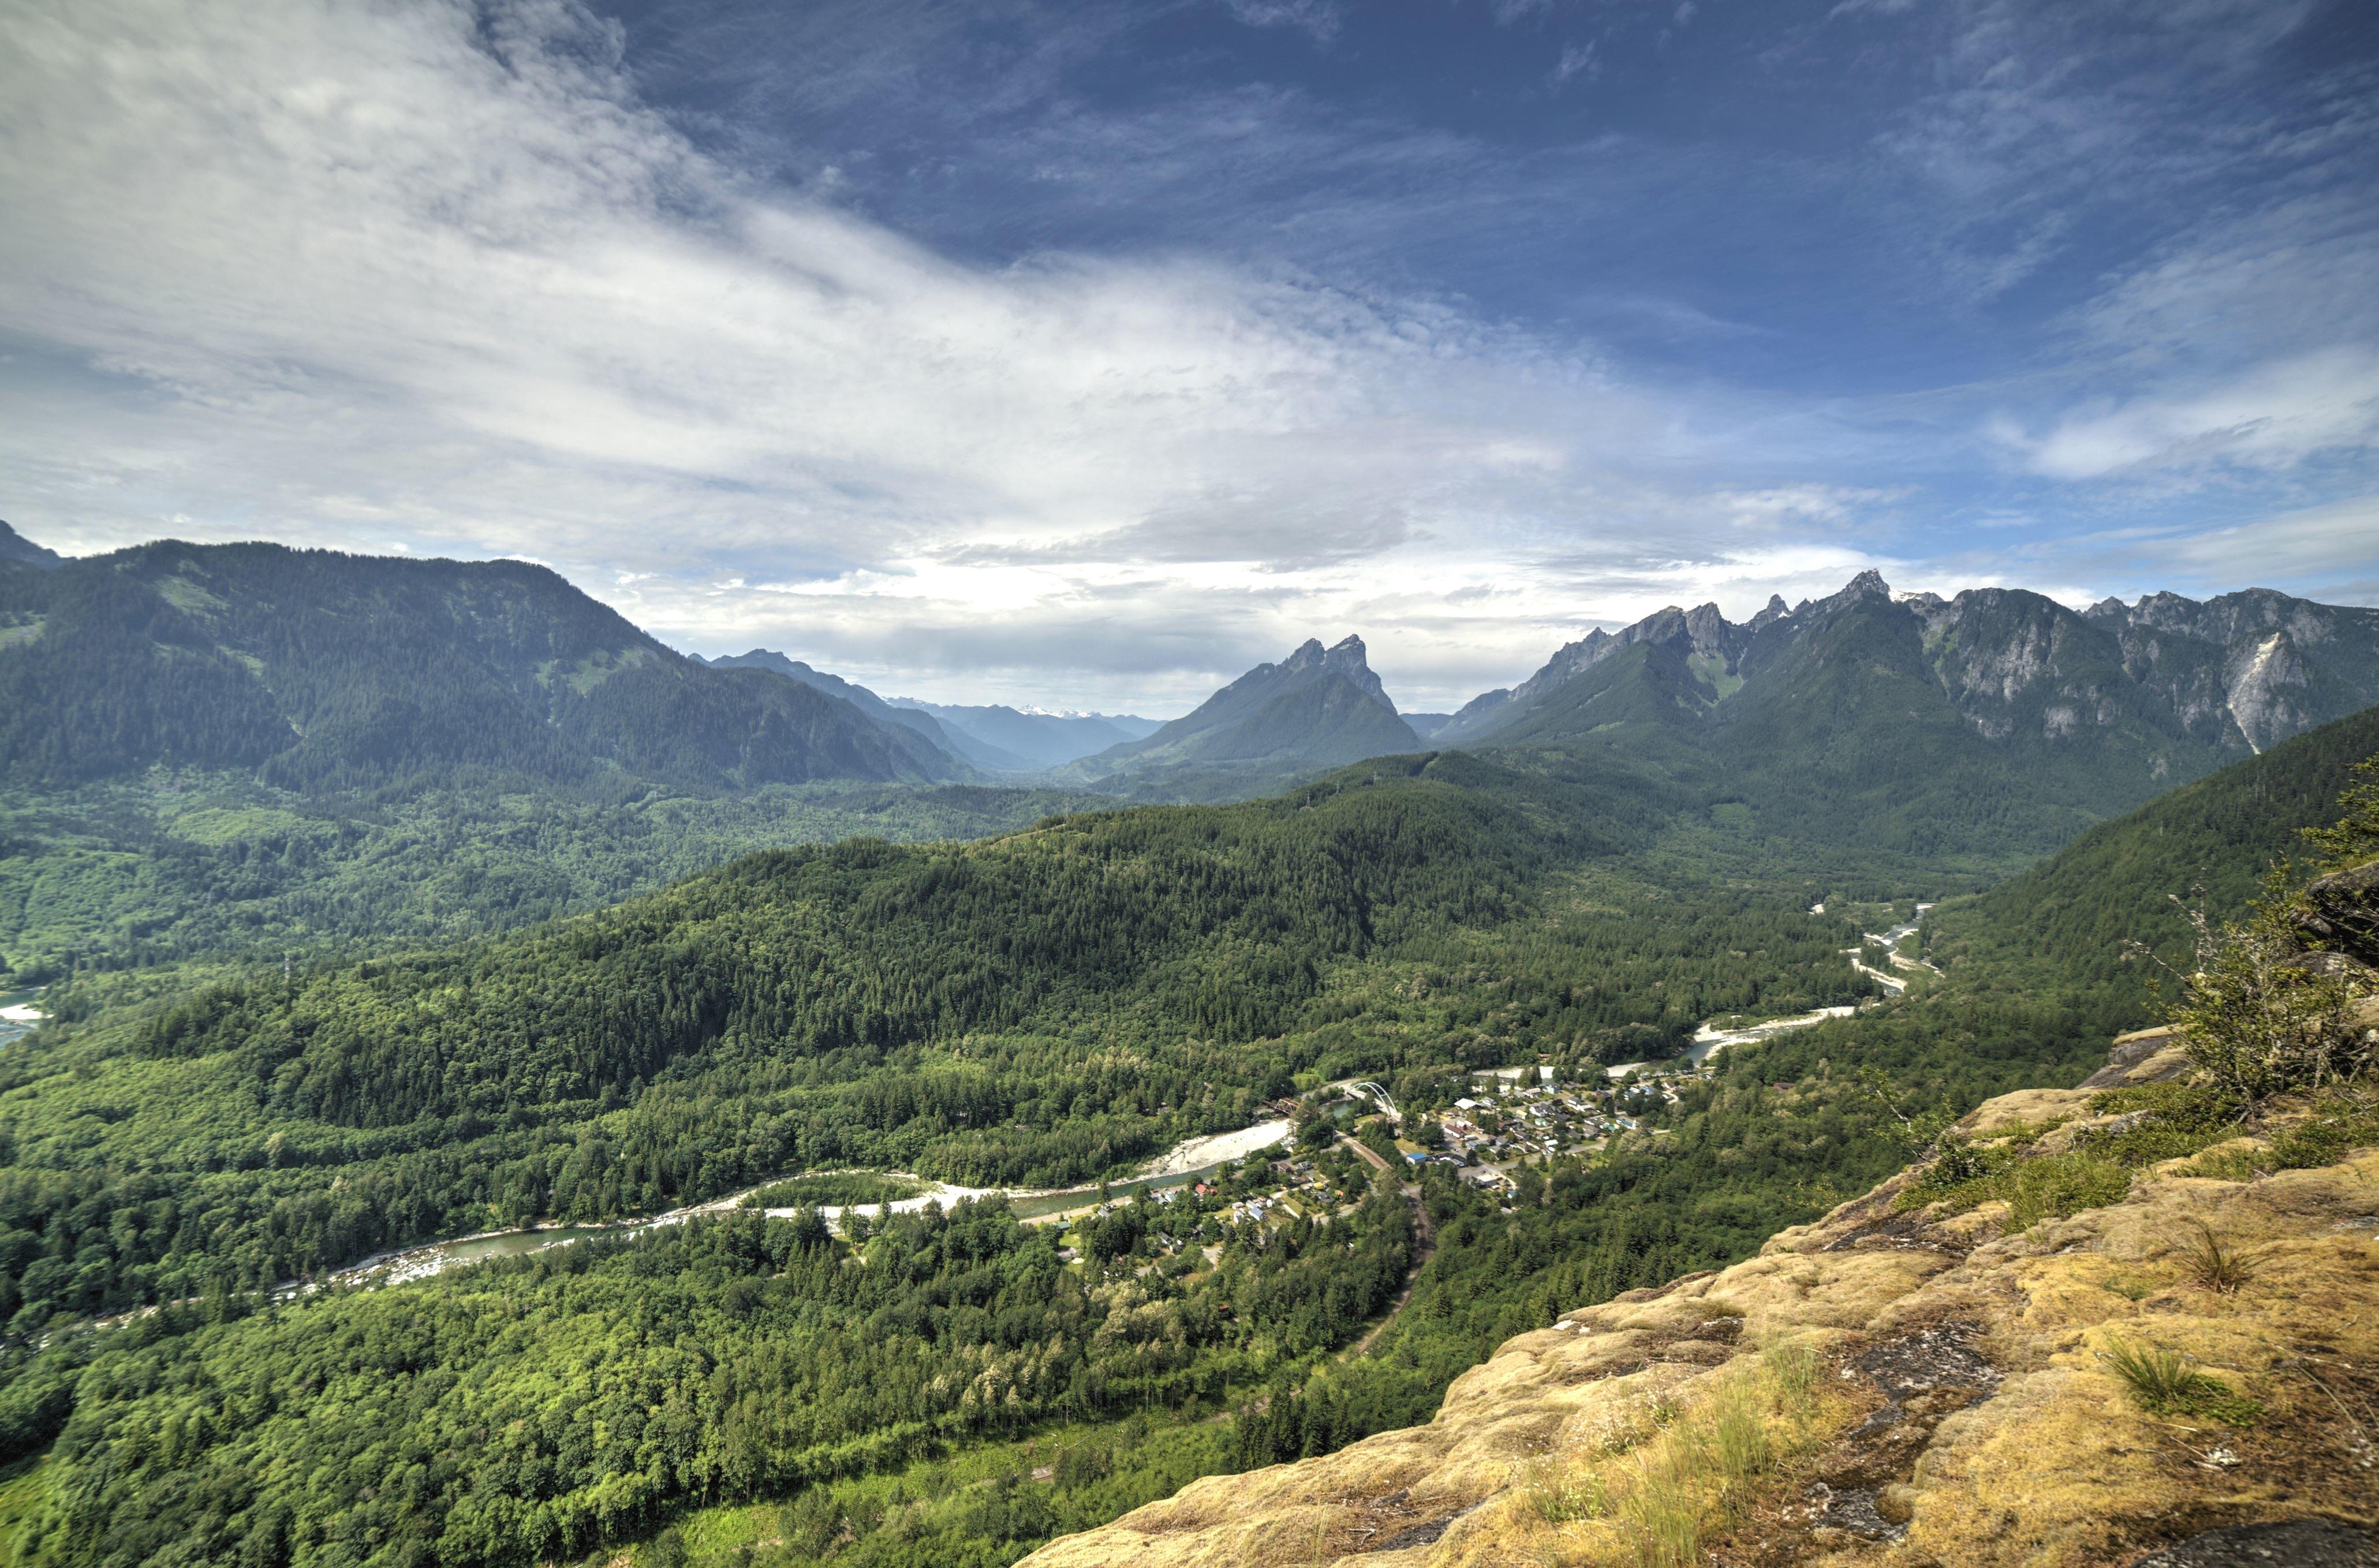 Gambar Gratis Pegunungan Alam Pohon Lanskap Awan